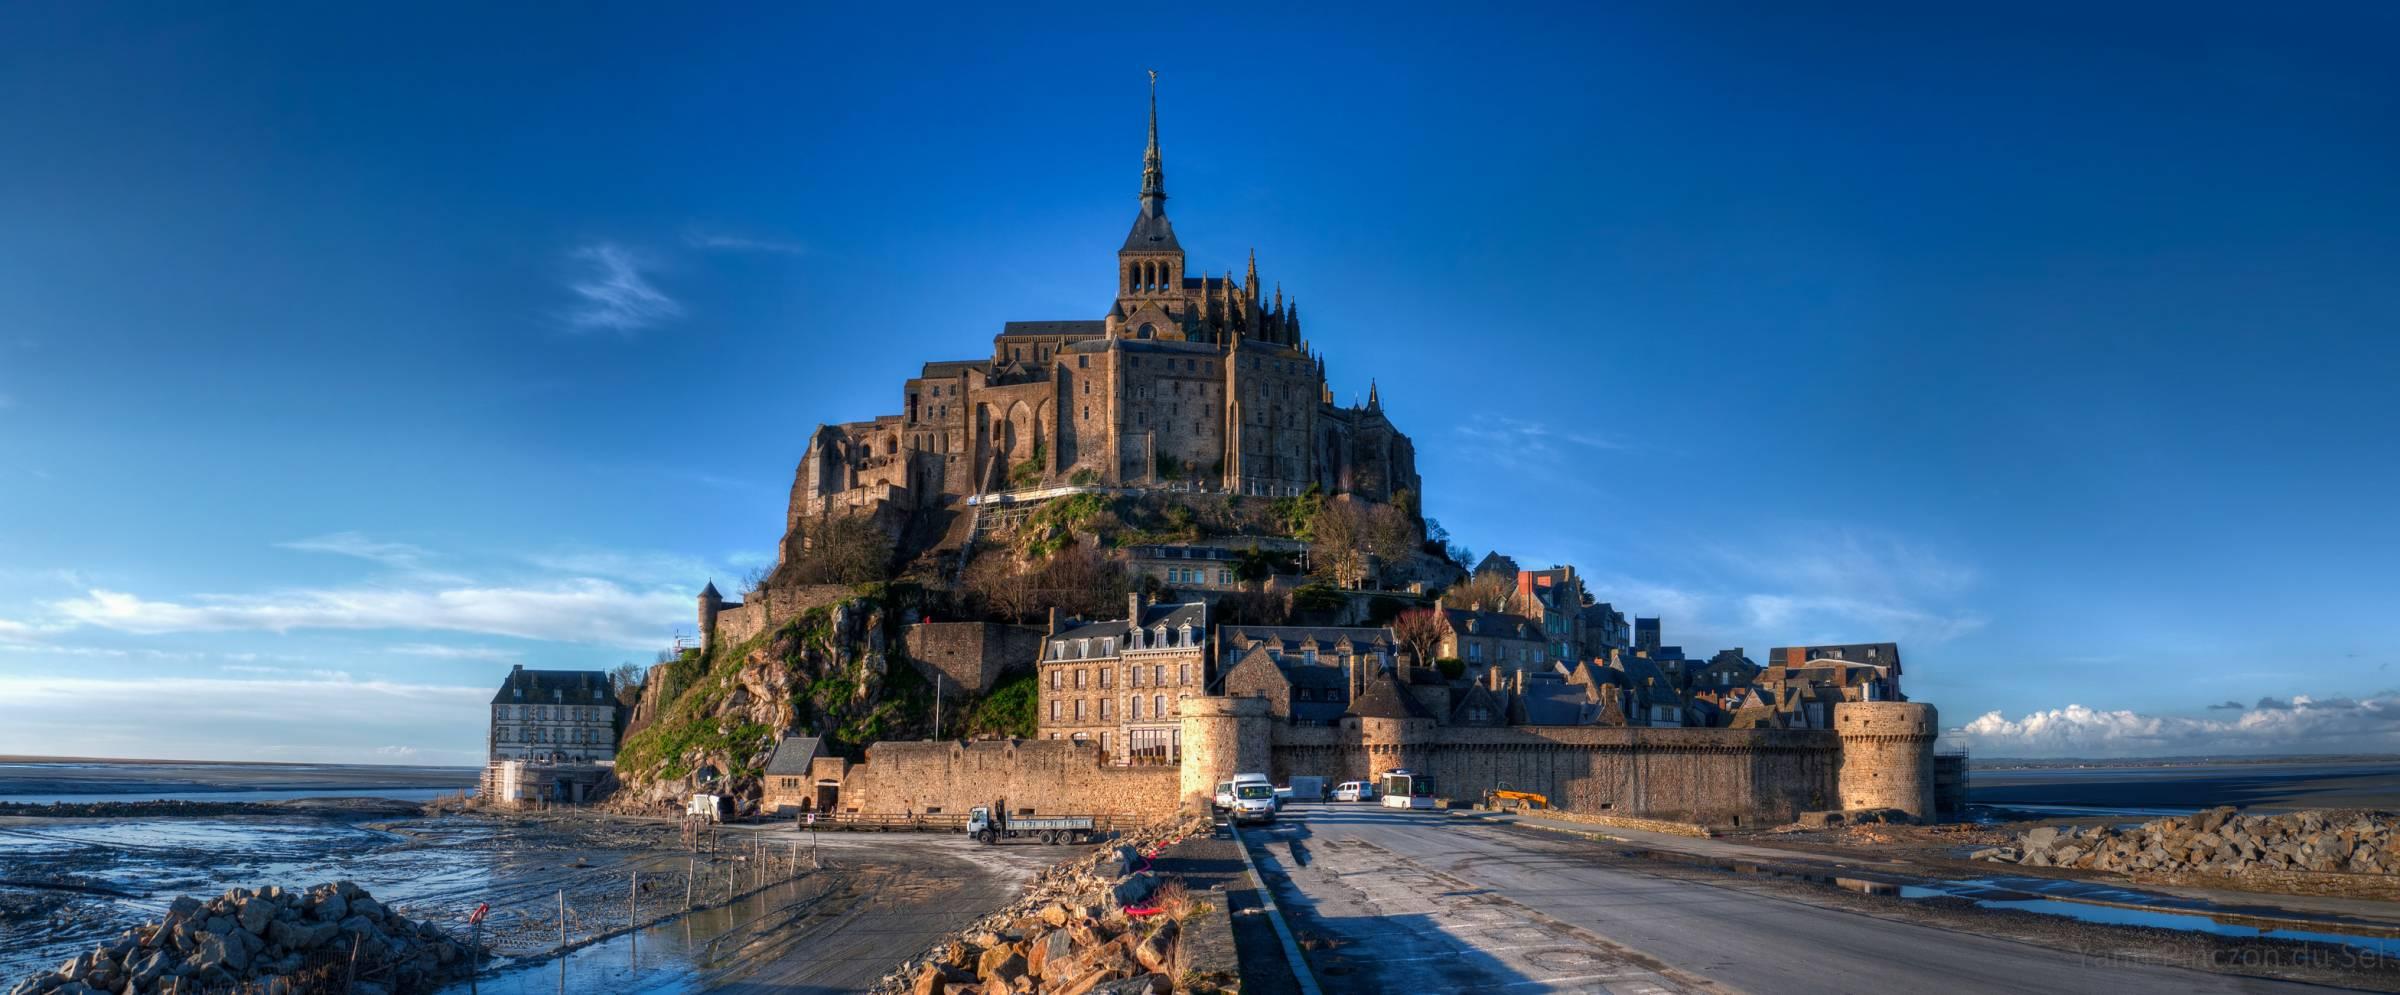 Anicenne route vers le Mont-Saint-Michel